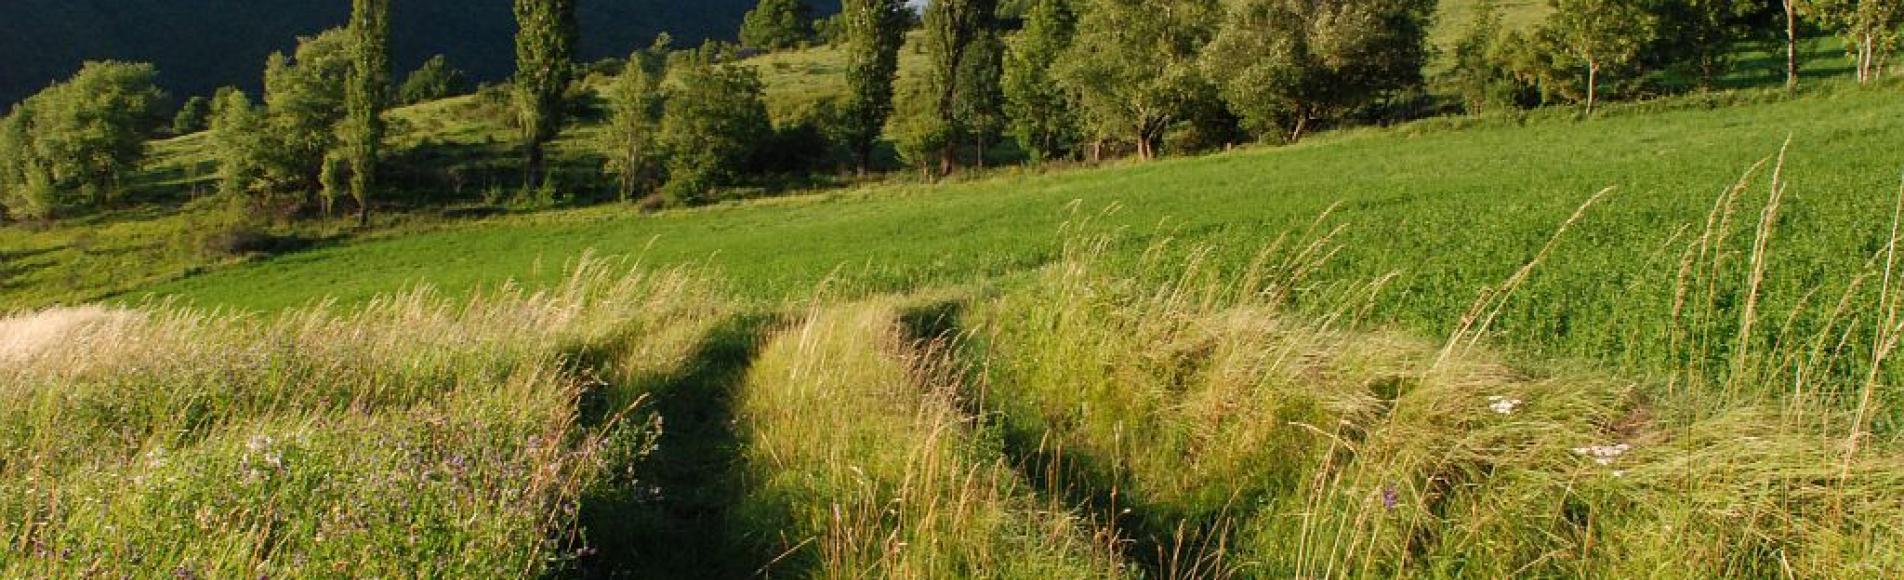 Champ près du village des Reculas ©Dominique Vincent - Parc national des Ecrins